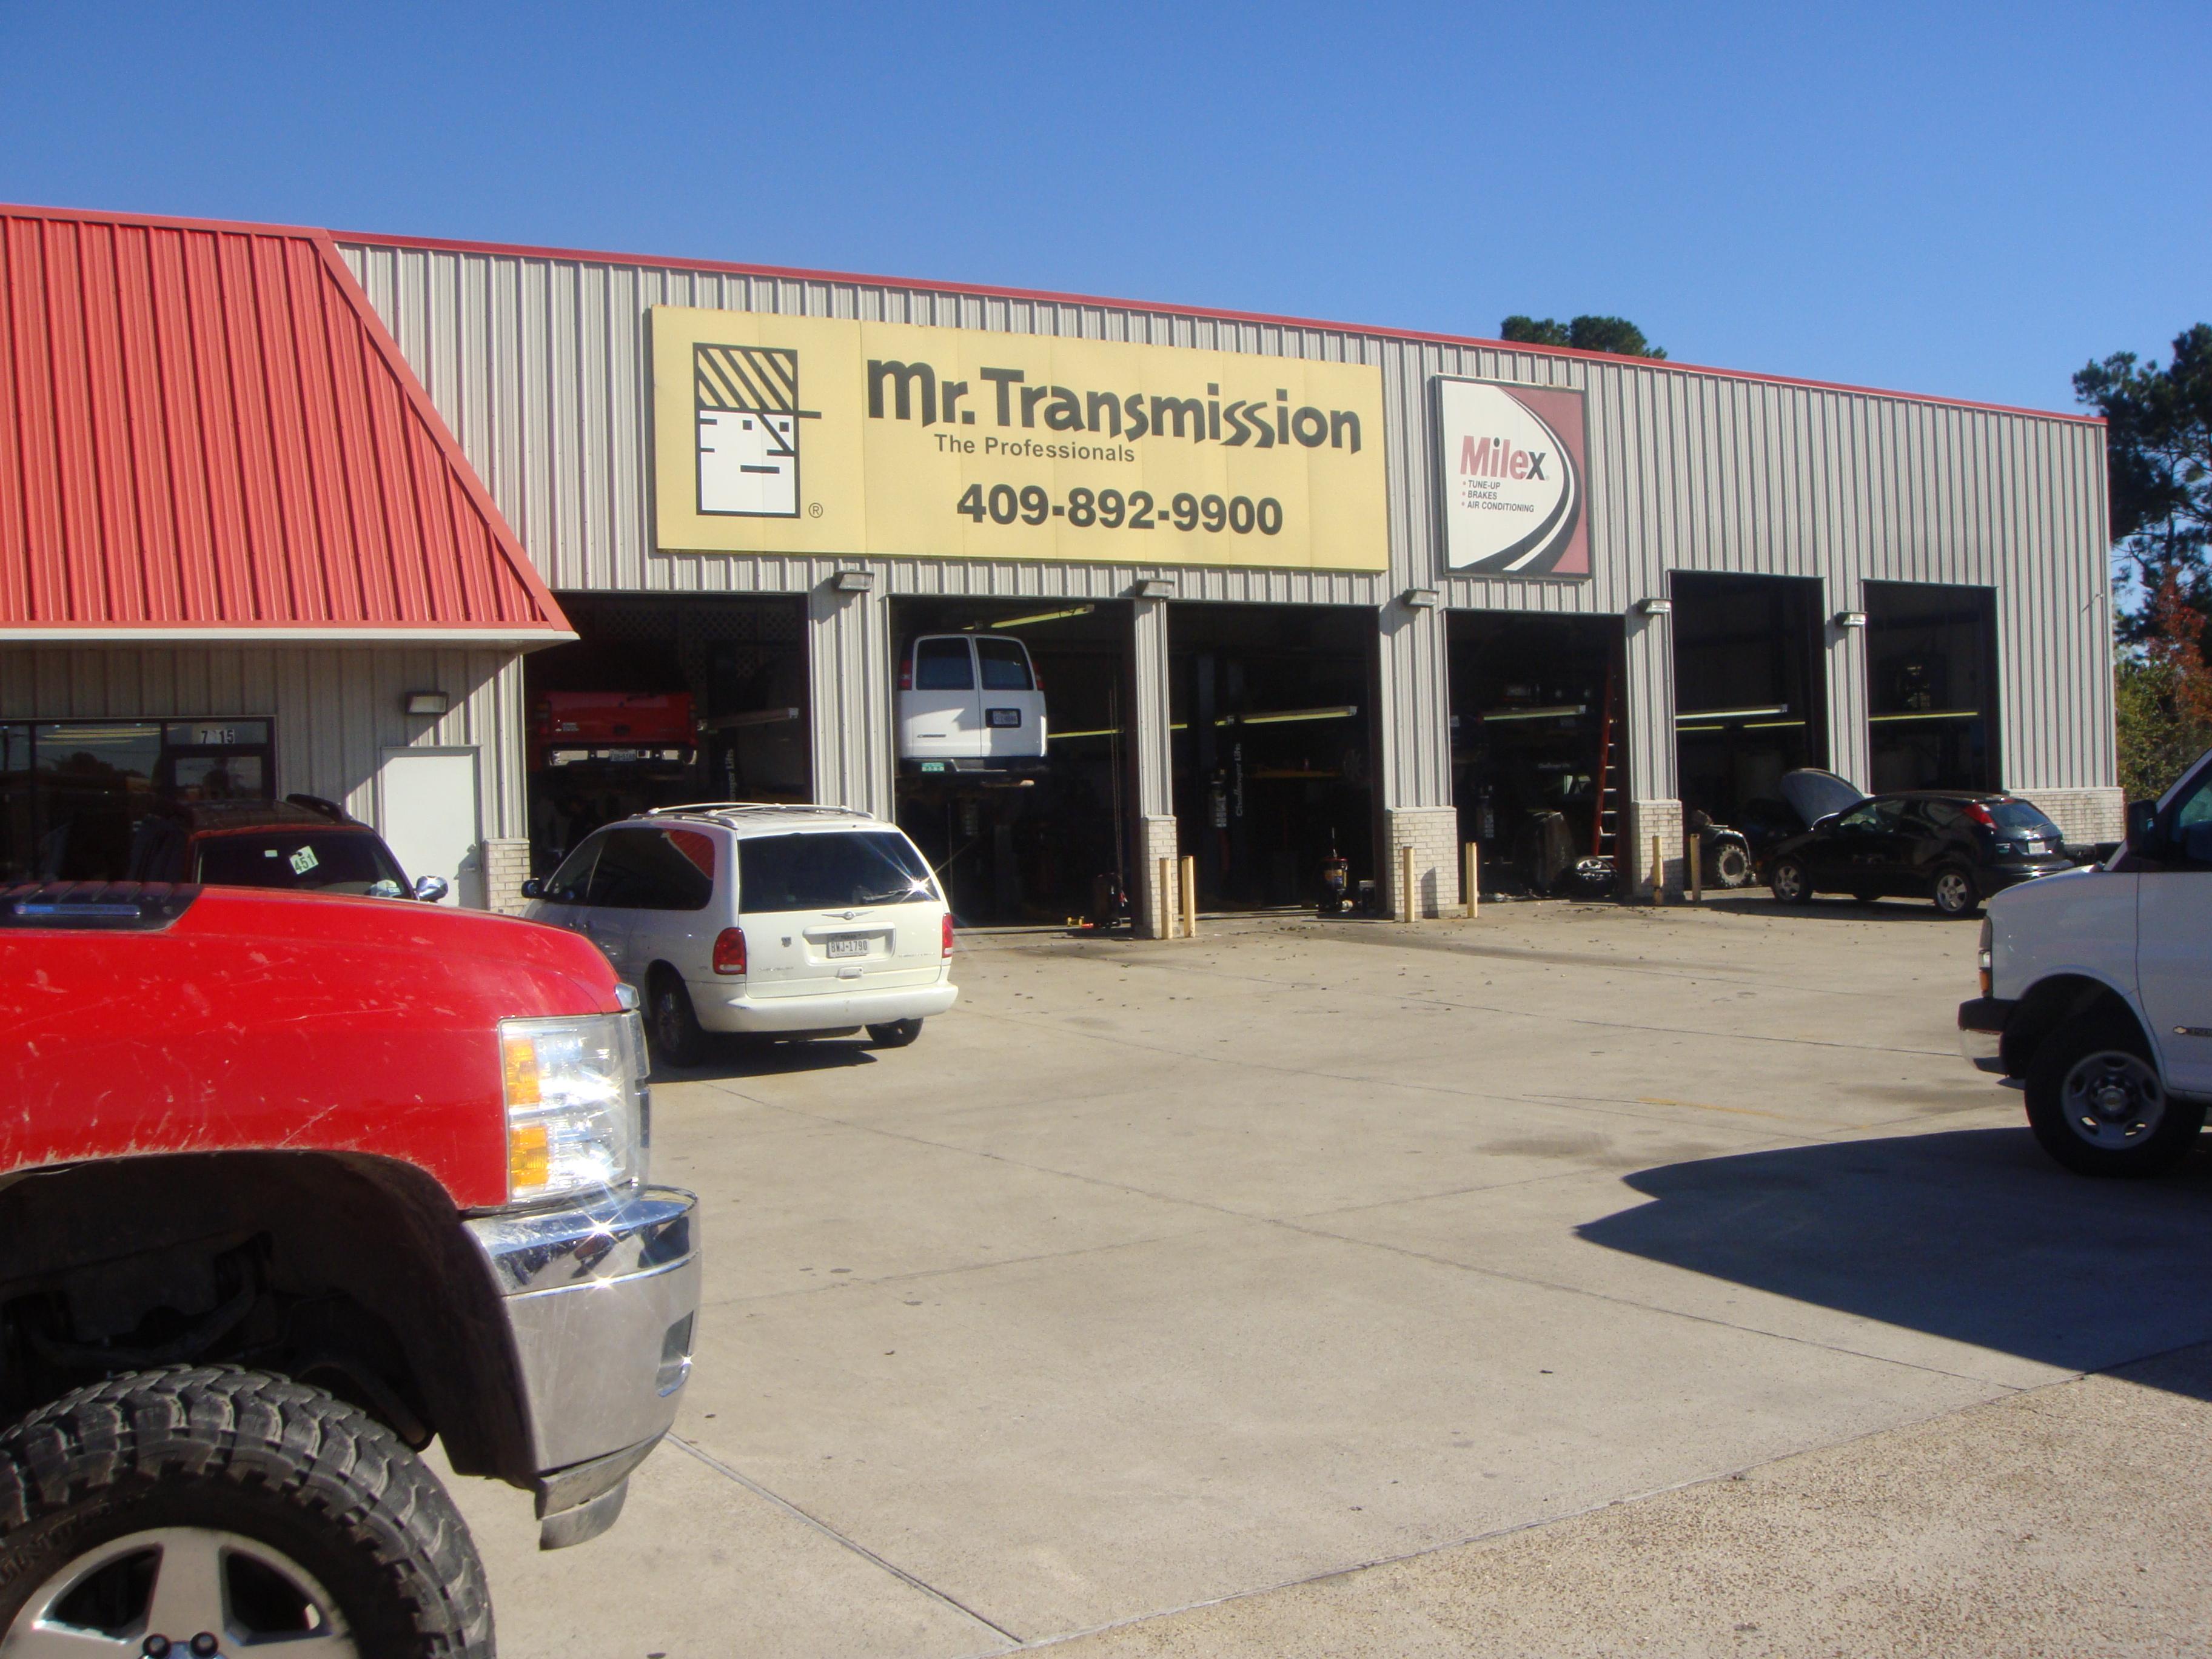 Mr Transmission Milex 7315 Highway 105 Beaumont Tx 77713